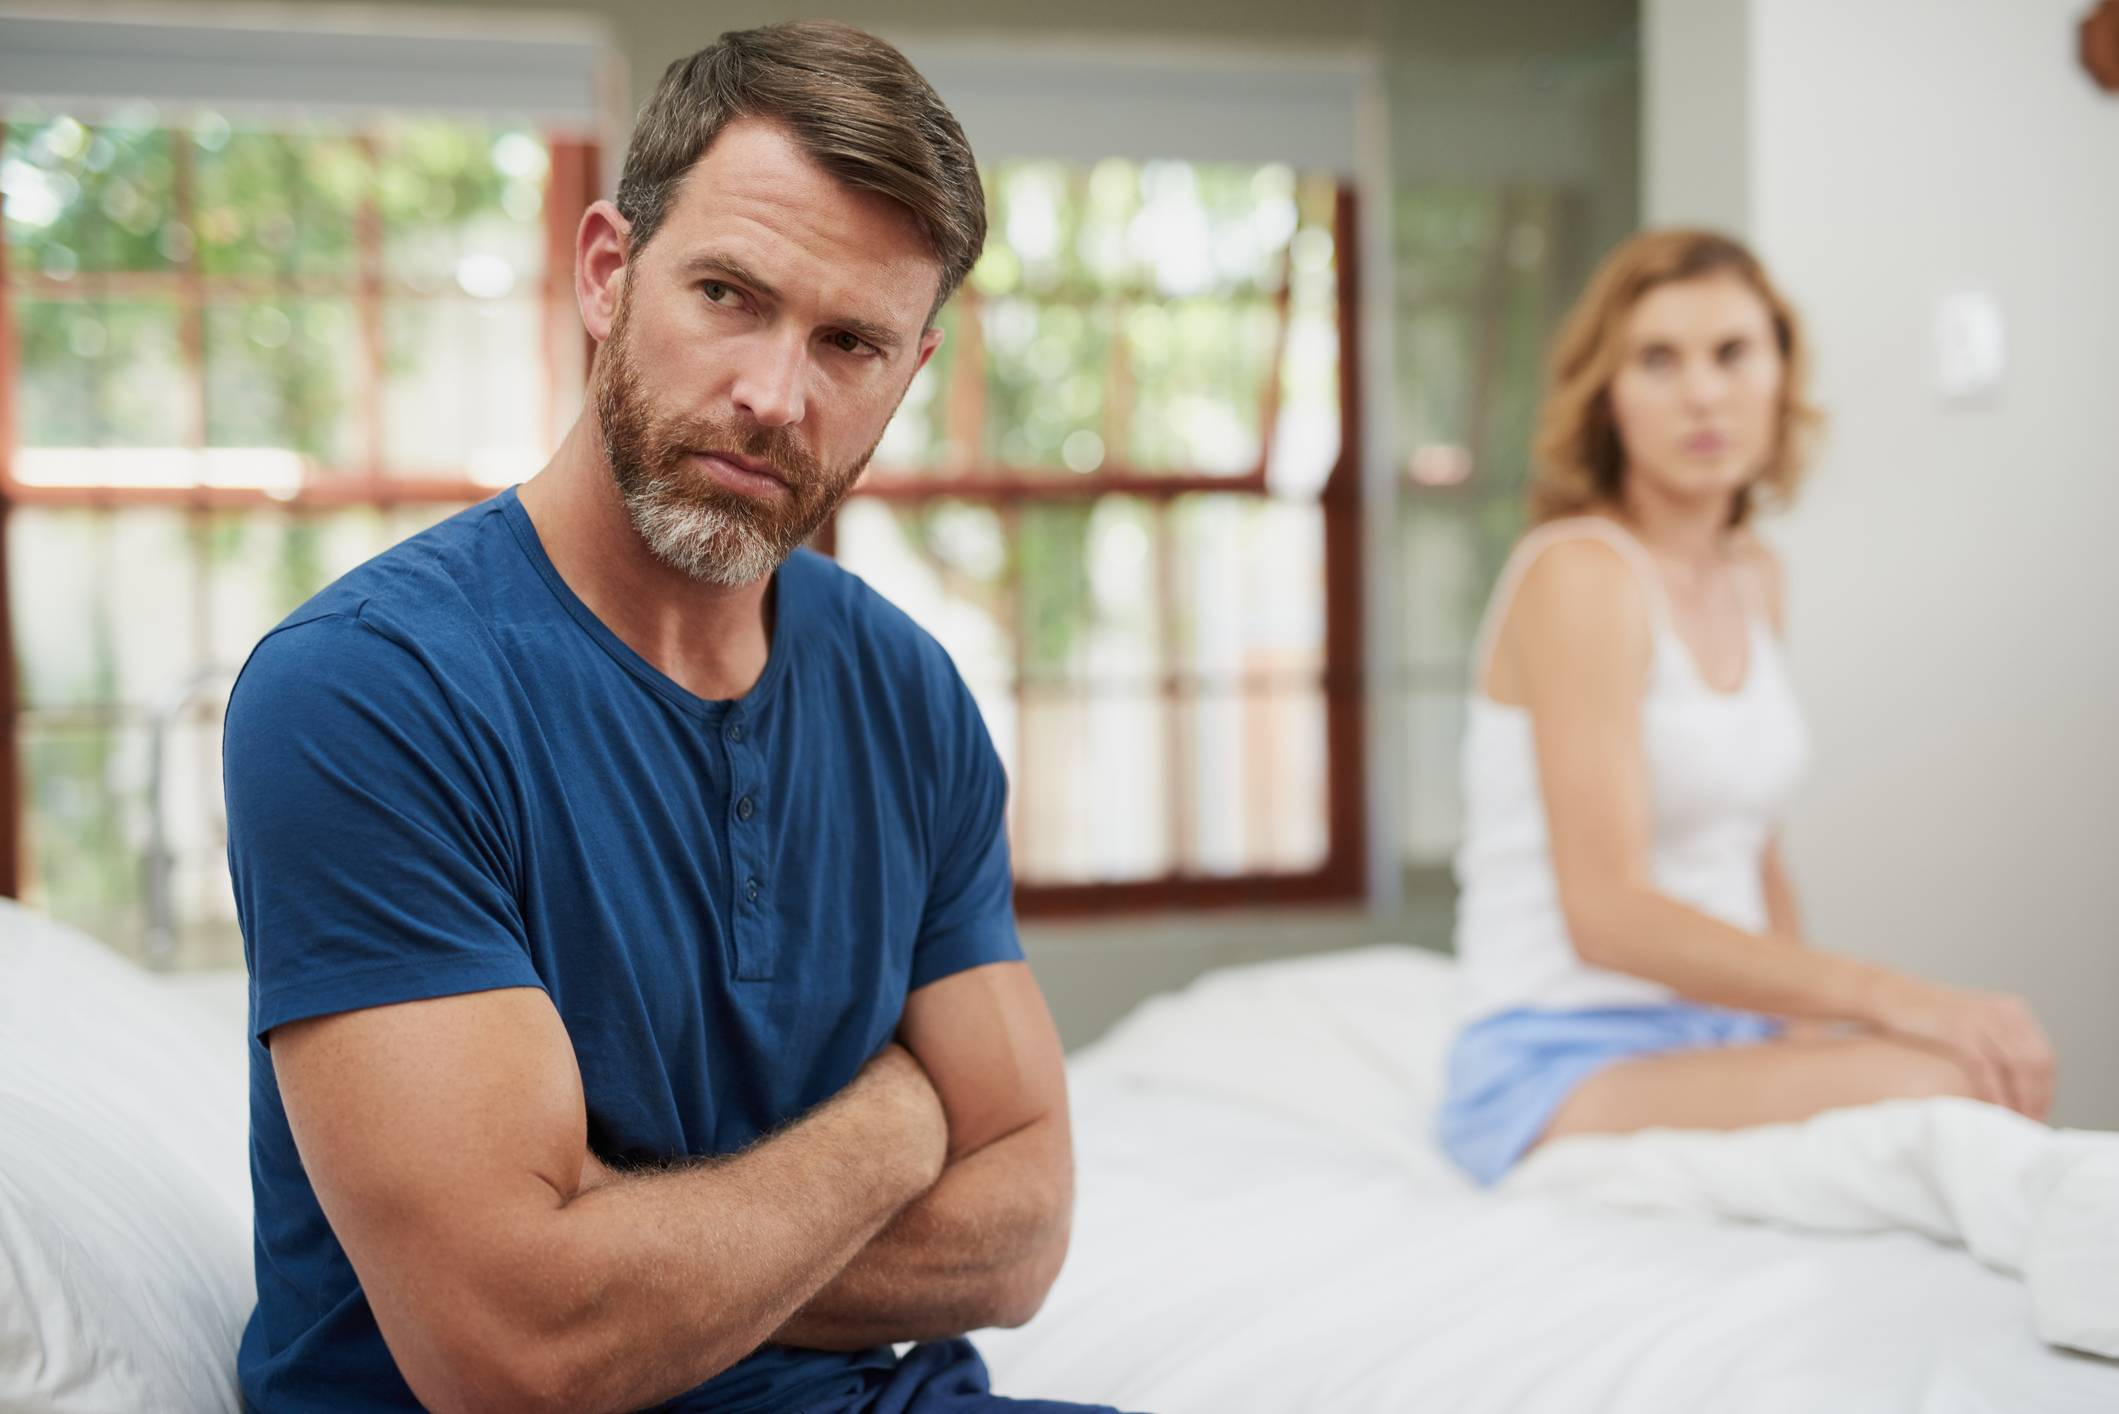 Как быстро возбудиться мужчине: разжигаем страсть